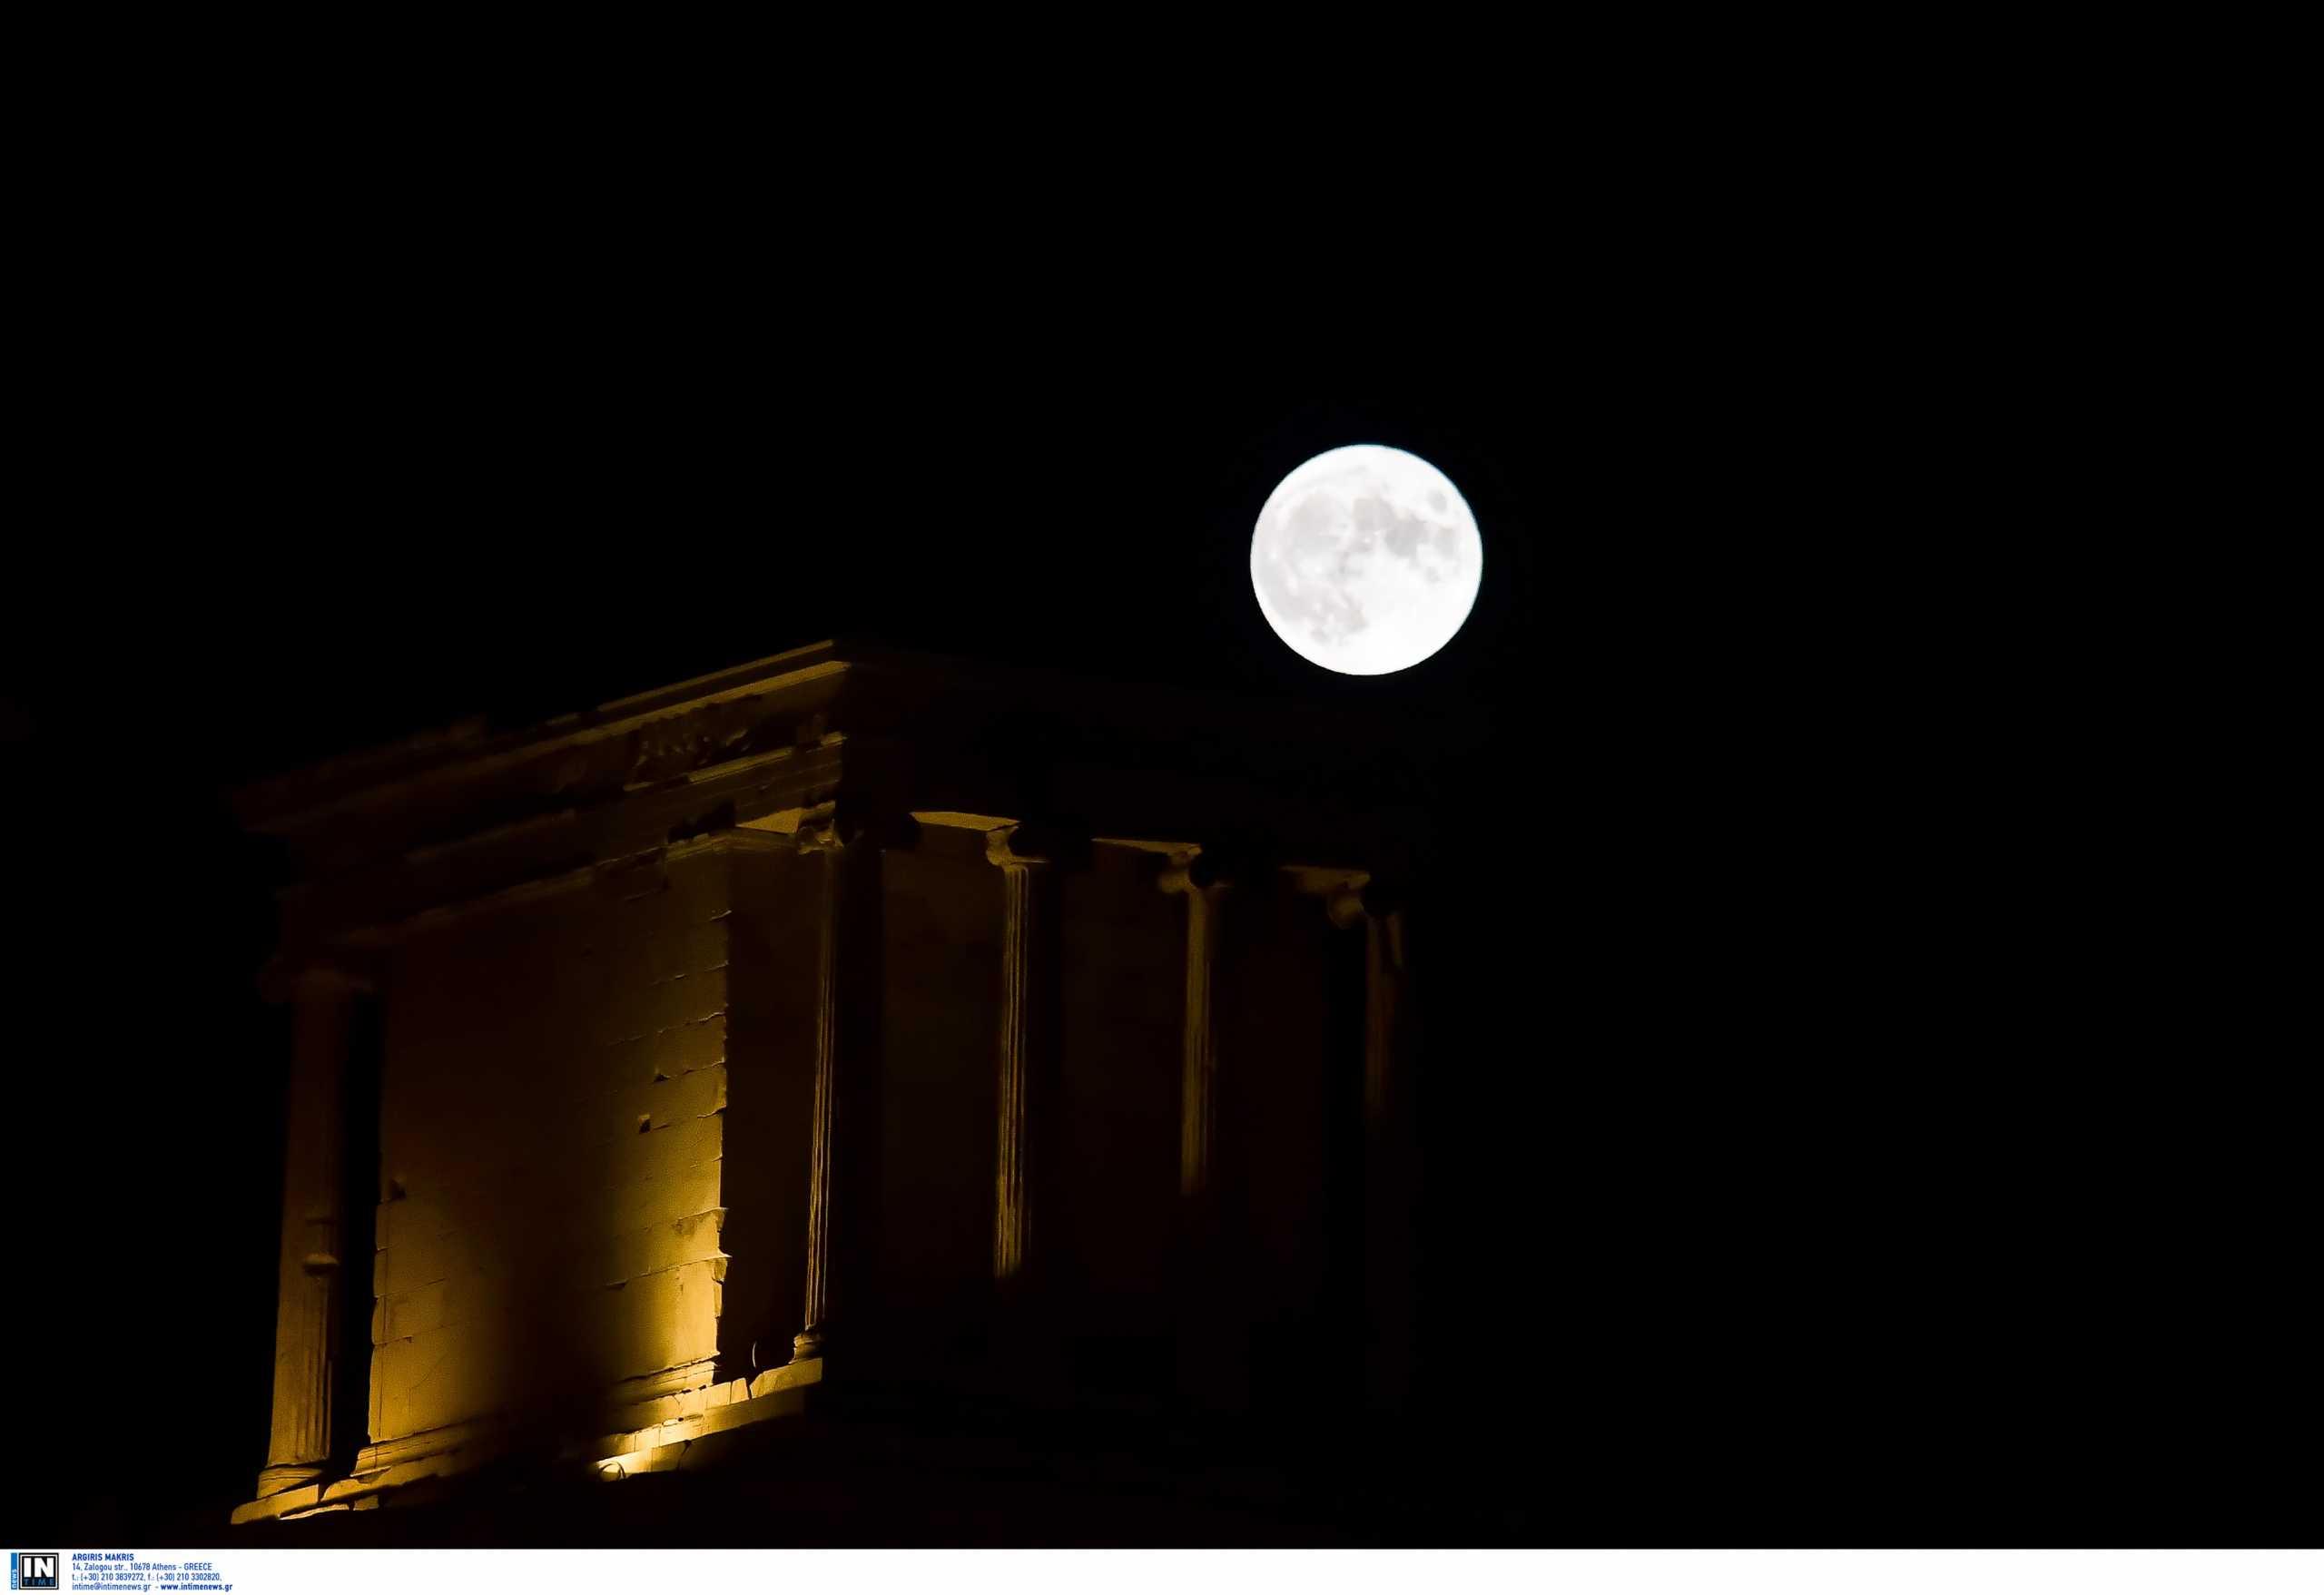 Πανσέληνος Αυγούστου 2021: Τι ετοιμάζει το Εθνικό Αρχαιολογικό Μουσείο